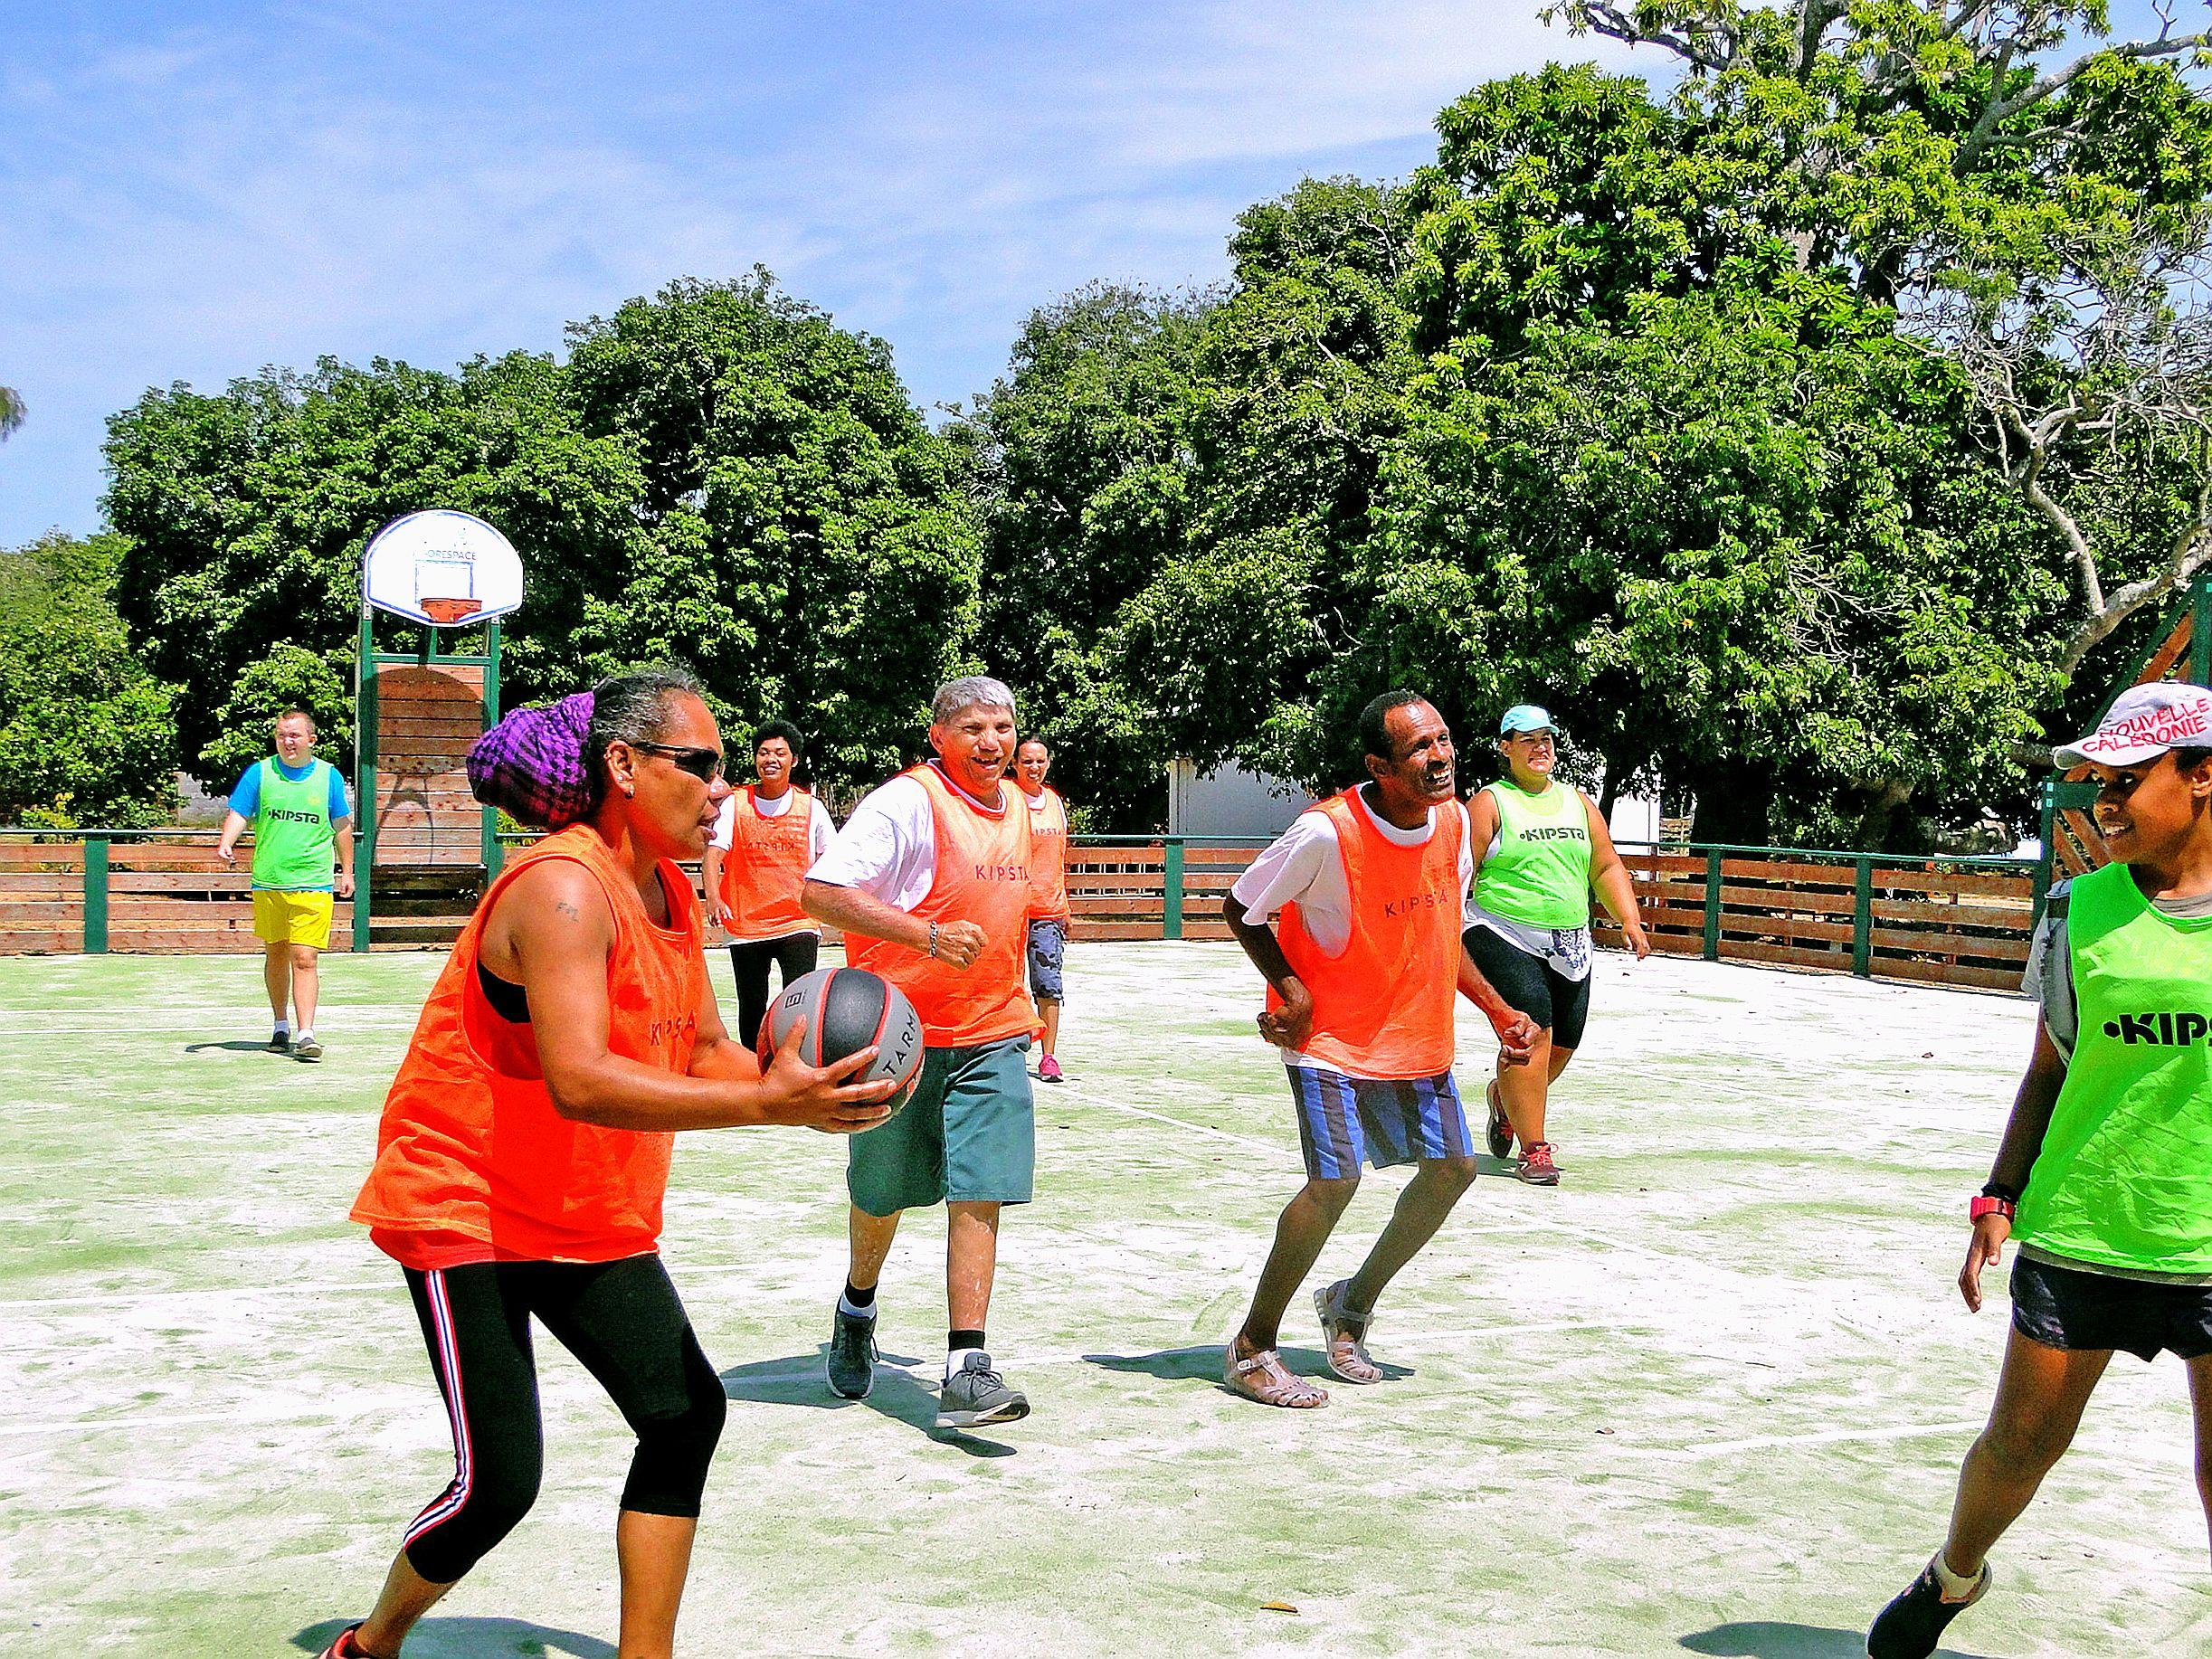 La matinée a été dédiée à des activités adaptées à chacun : pétanque, tressage, volley, basket, canoë…